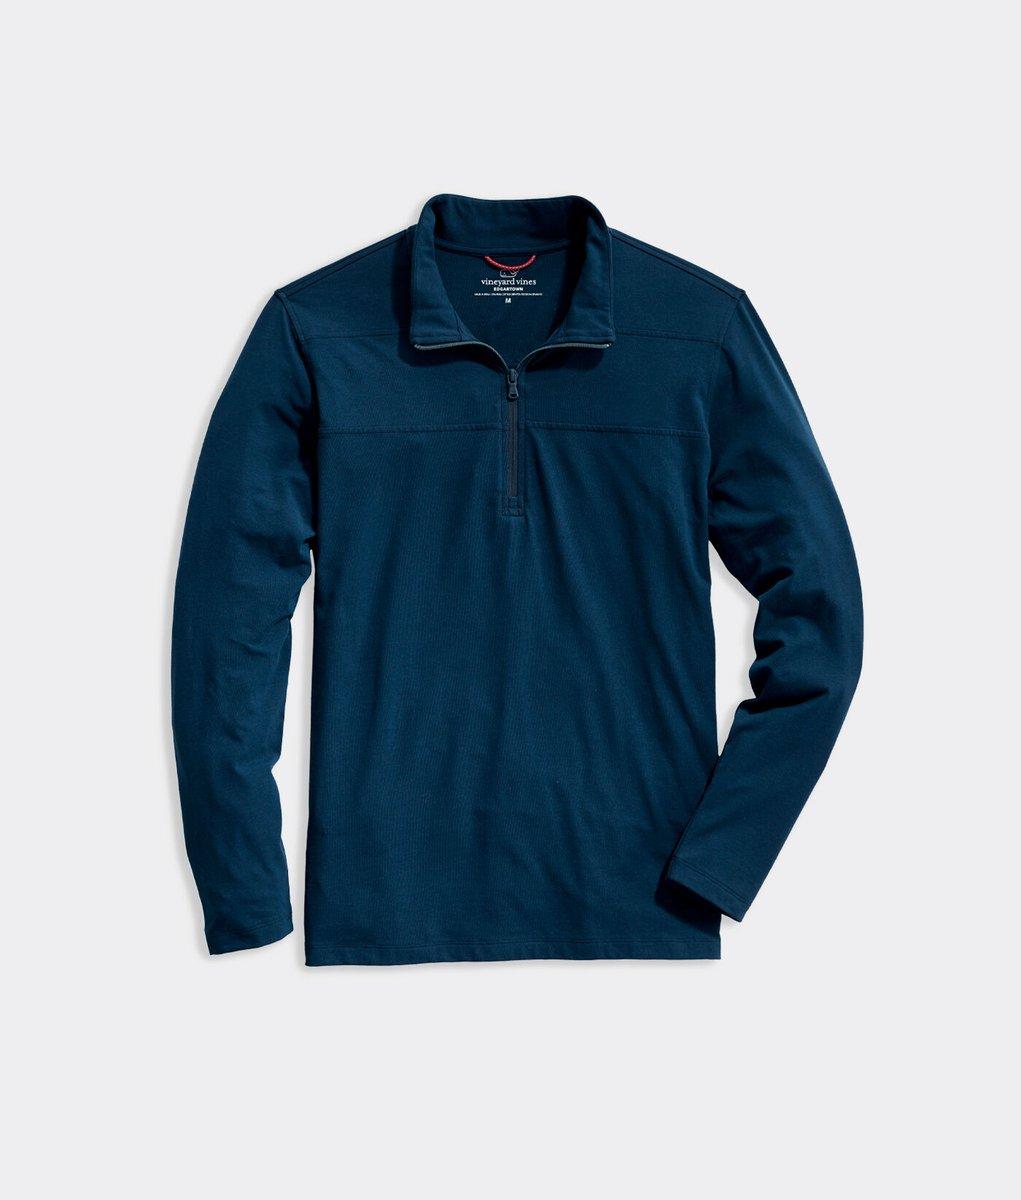 25% Off!  Vineyard Vines Men's Blank Edgartown Shep Shirt Pullover     #BwcDeals #Dogecoin #clearthelists #dailydeals #DealsAndSteals